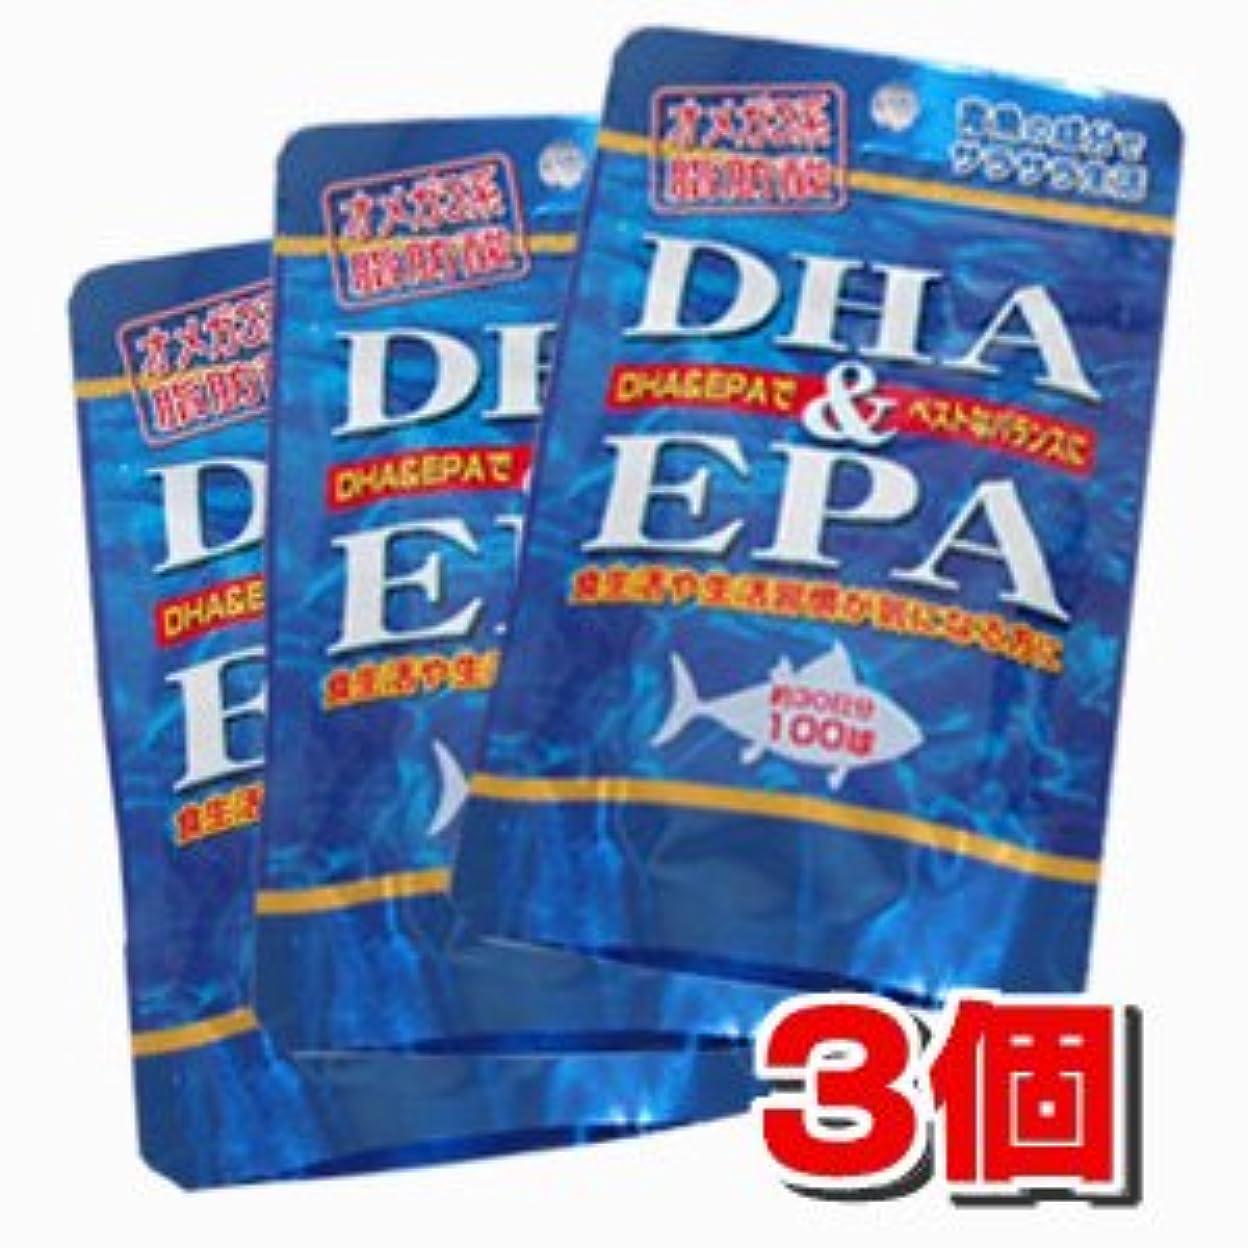 活力フィットダイヤルDHA(ドコサヘキサエン酸)&EPA(エイコサペンタエン酸)